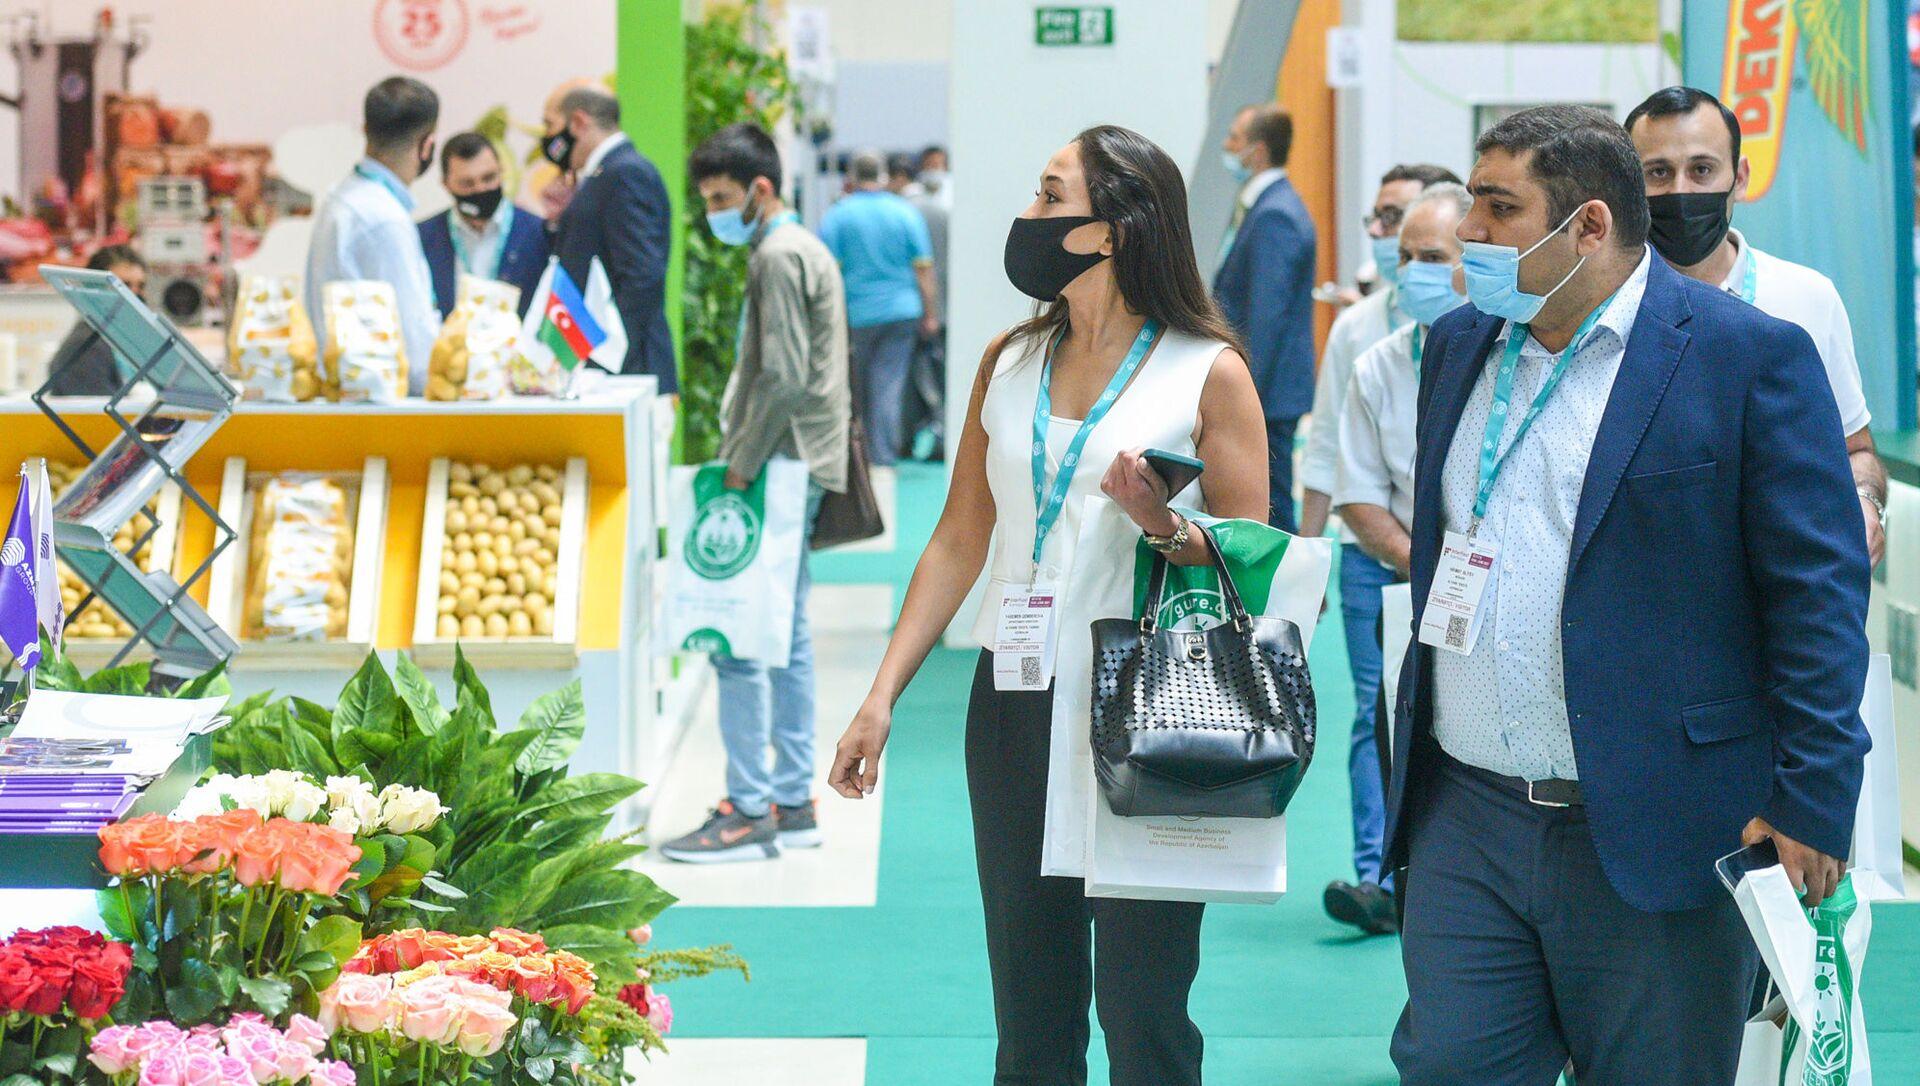 14-я Азербайджанская международная сельскохозяйственная выставка Caspian Agro-2021 и 26-я Азербайджанская международная выставка пищевой промышленности InterFood Azerbaijan-2021 - Sputnik Азербайджан, 1920, 14.06.2021